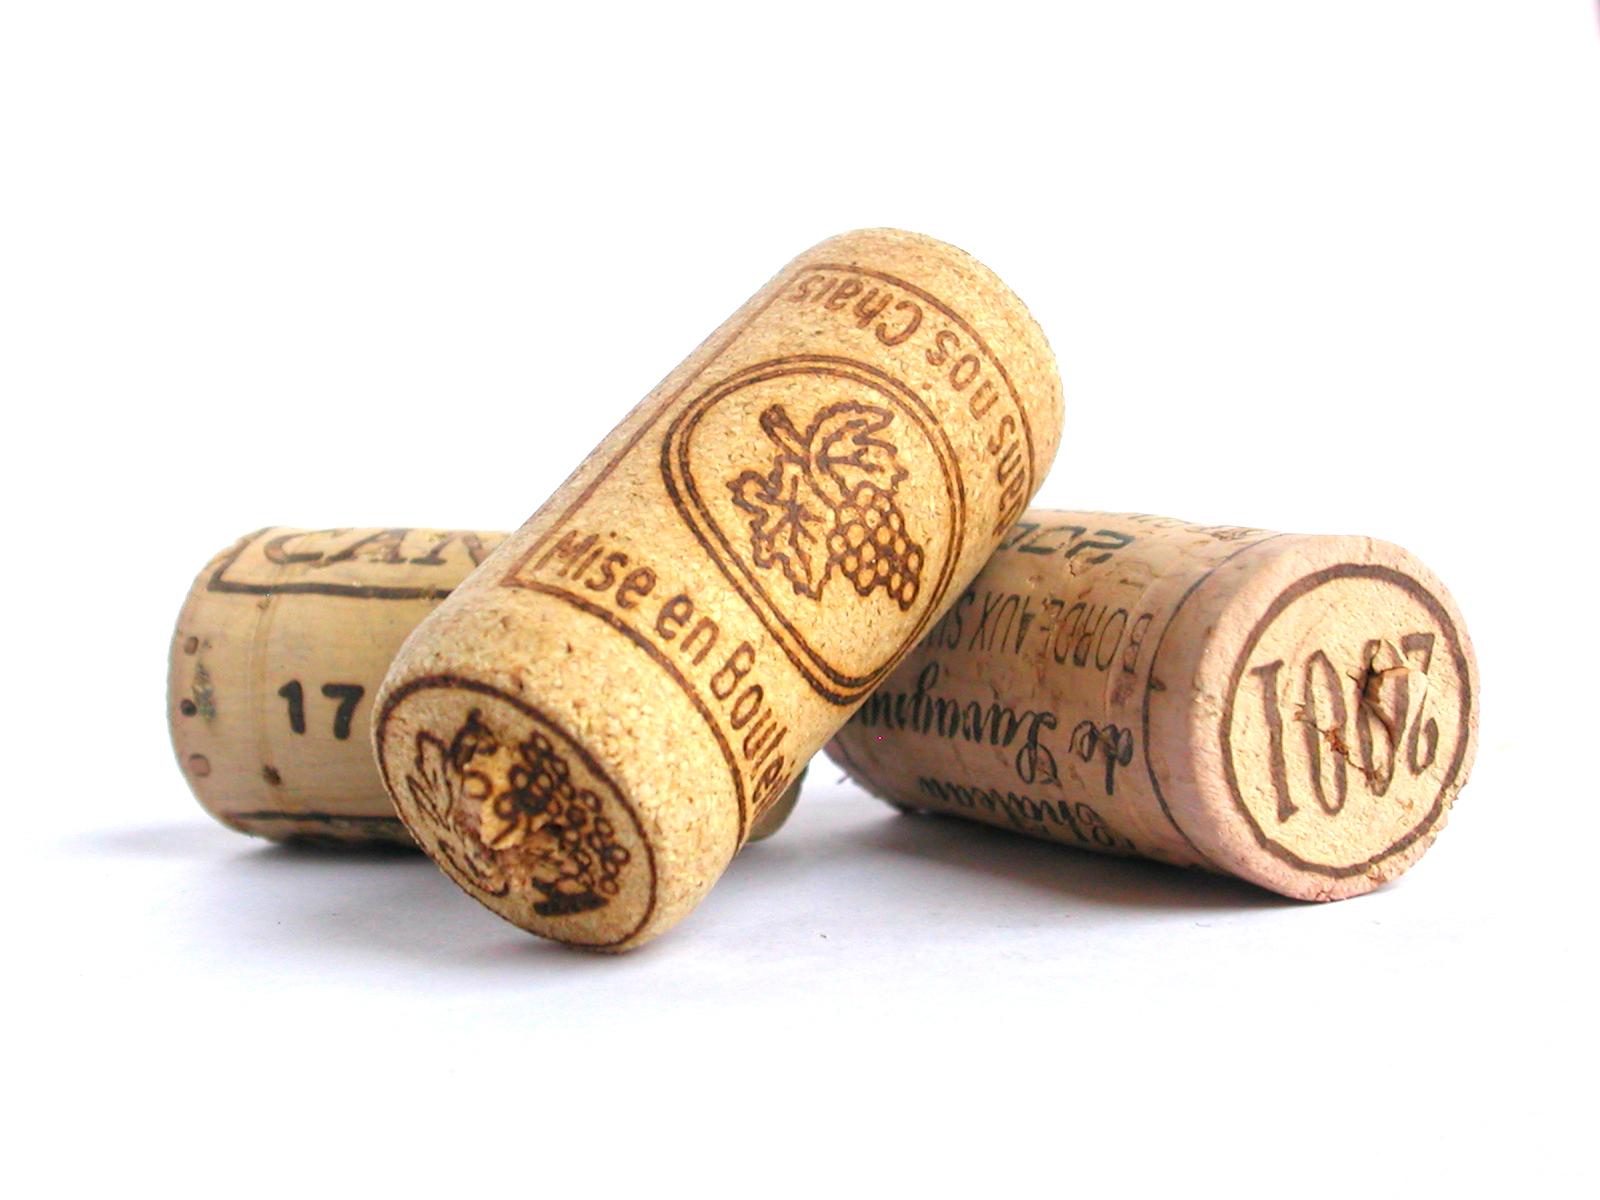 SVBE Wijnprofessionals Wijnvignet SDEN 1